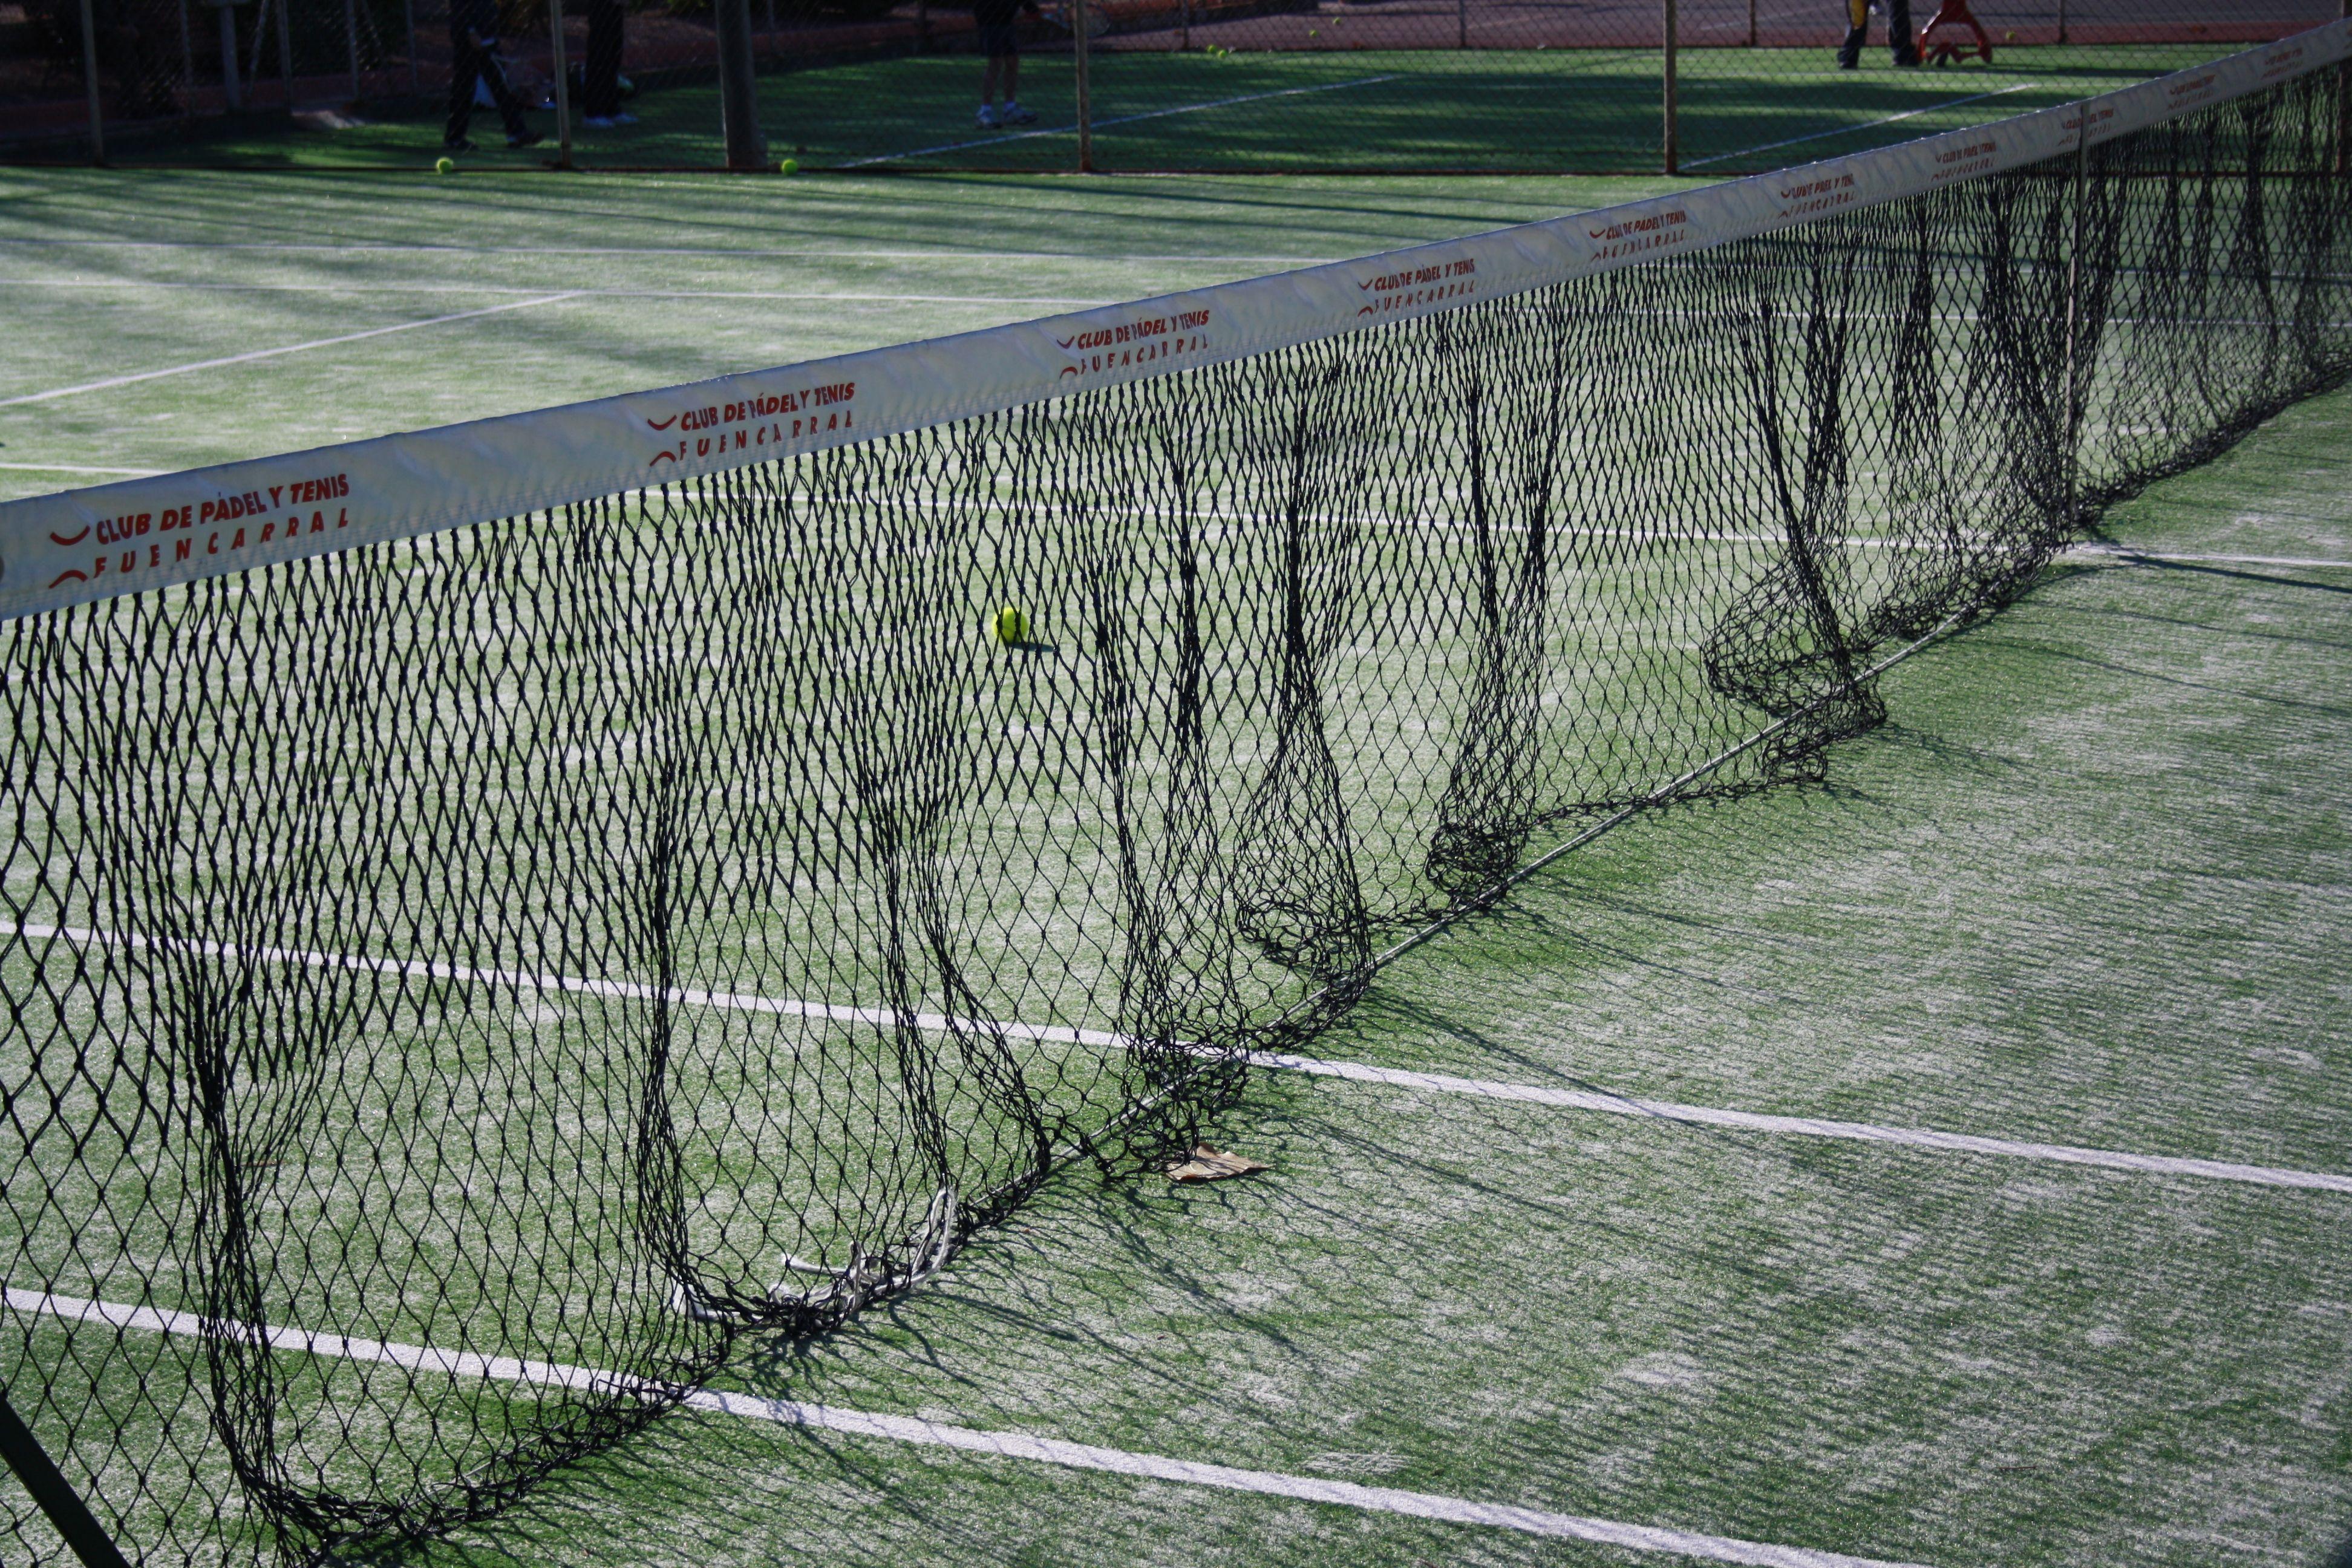 8 Ideas De Club De Pádel Y Tenis Fuencarral Club De Padel Padel Tenis